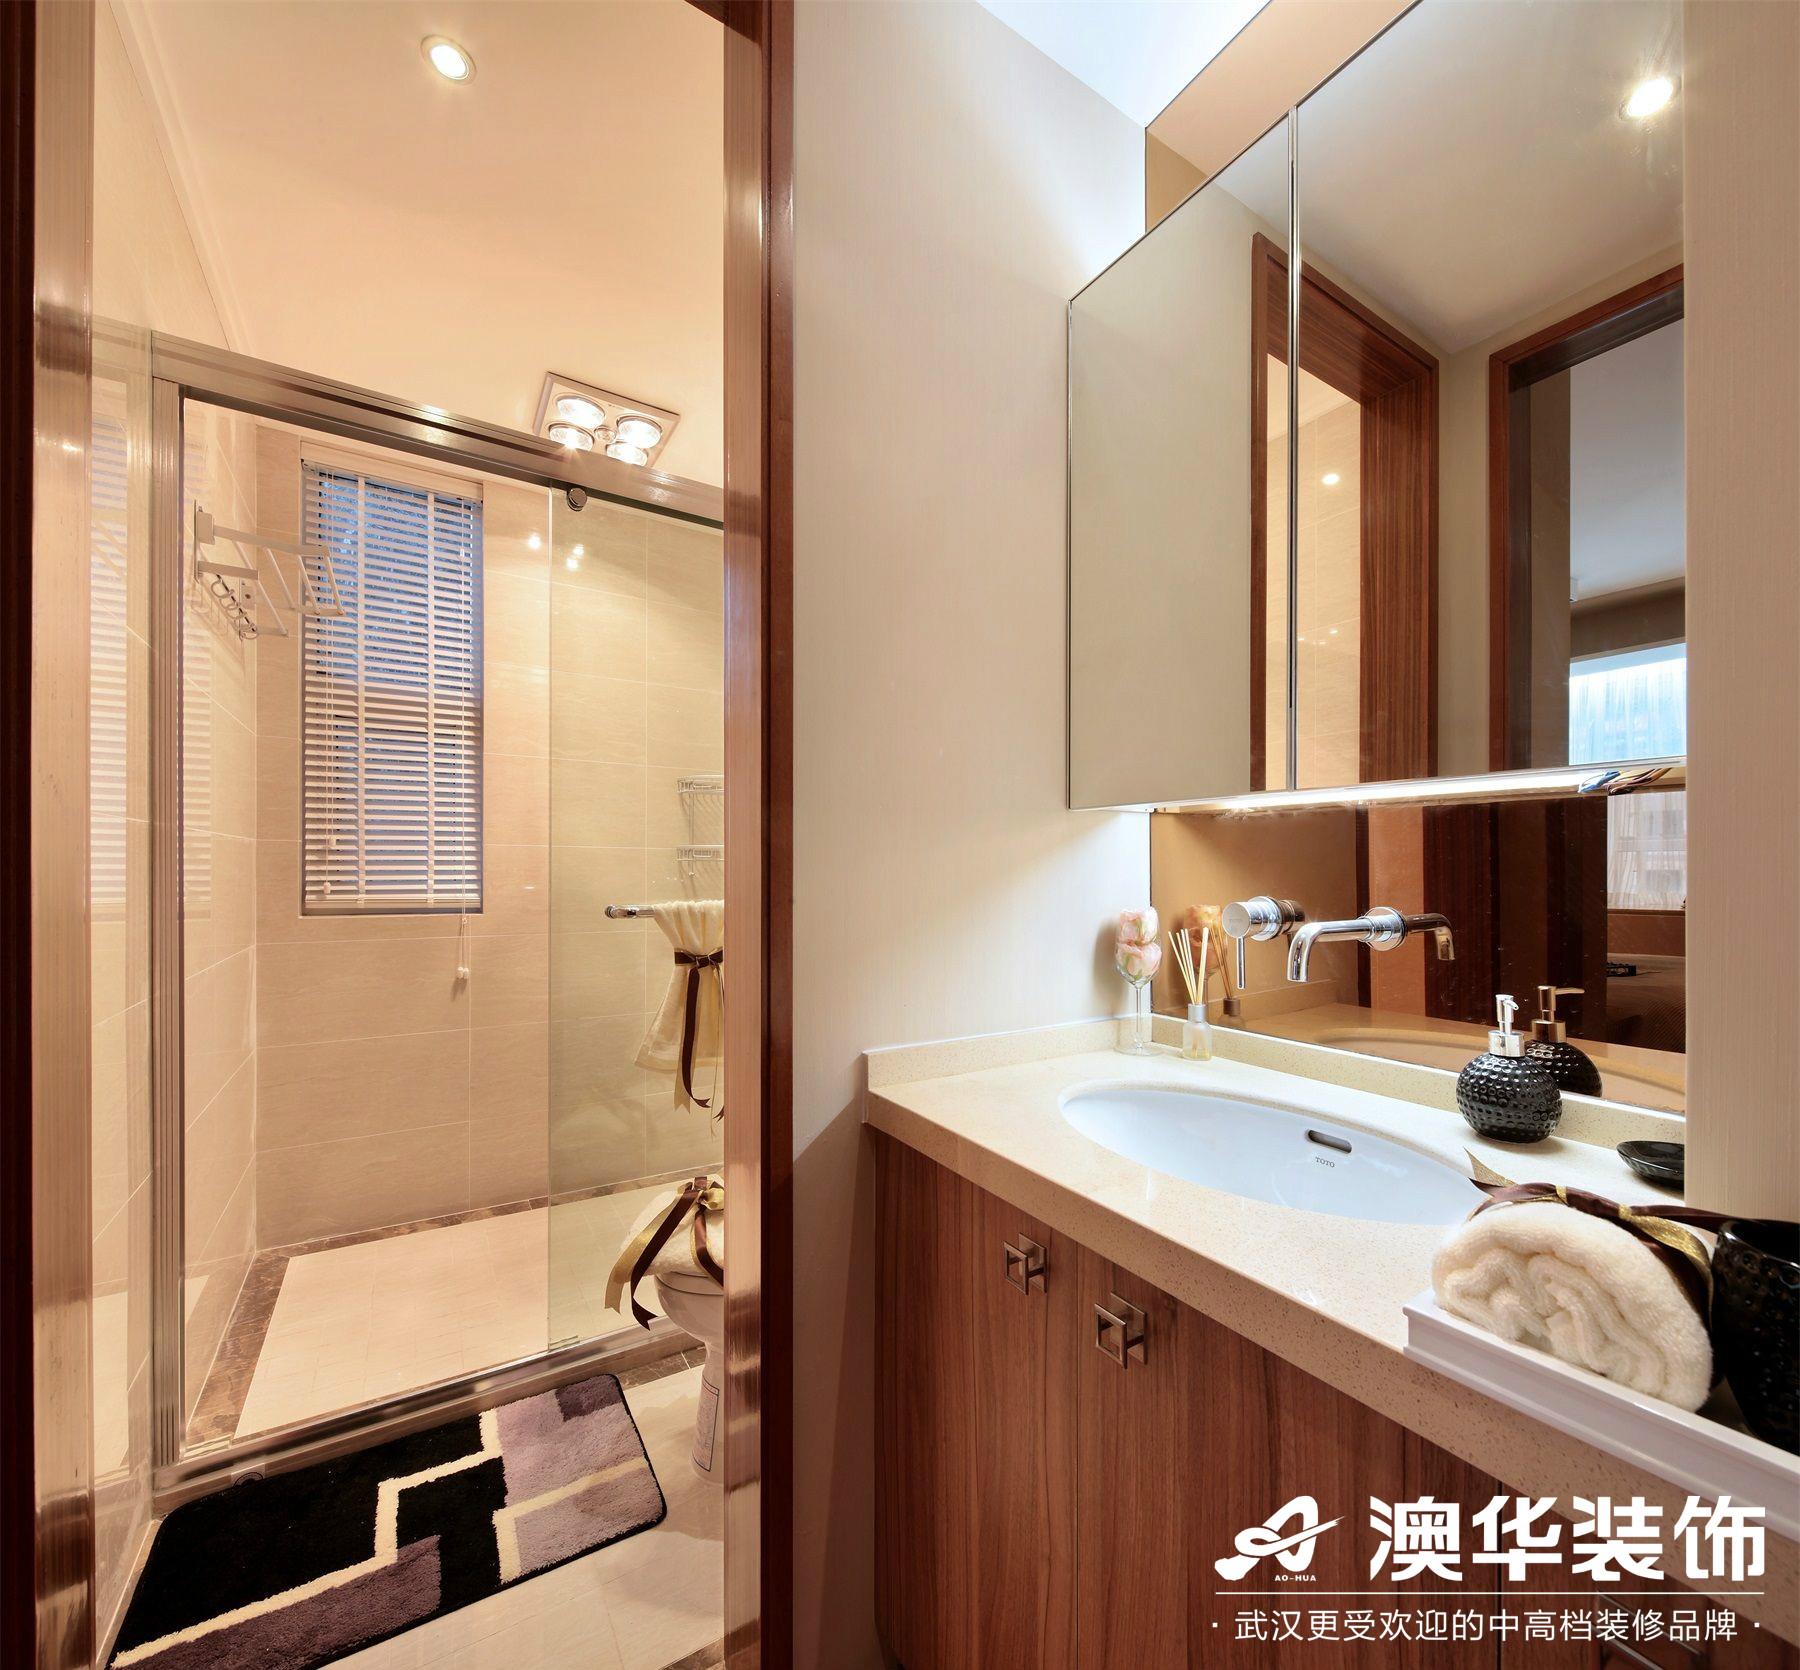 卫生间图片来自澳华装饰有限公司在汉口湖畔·现代风格的分享